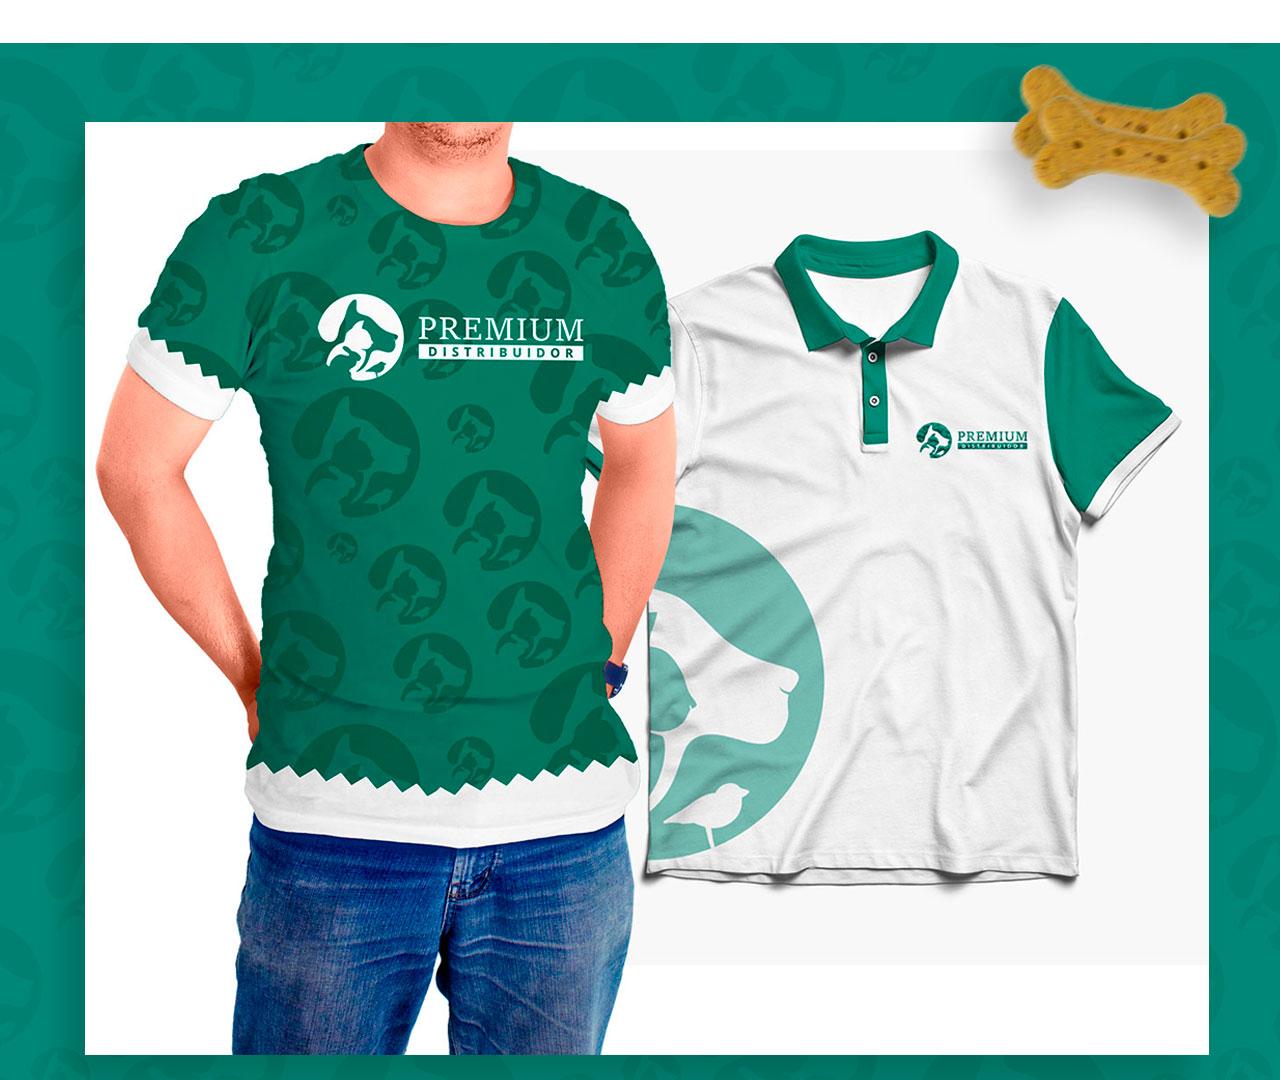 APRESENTAÇÃO DE PORTFÓLIO Premium distribuidor 12